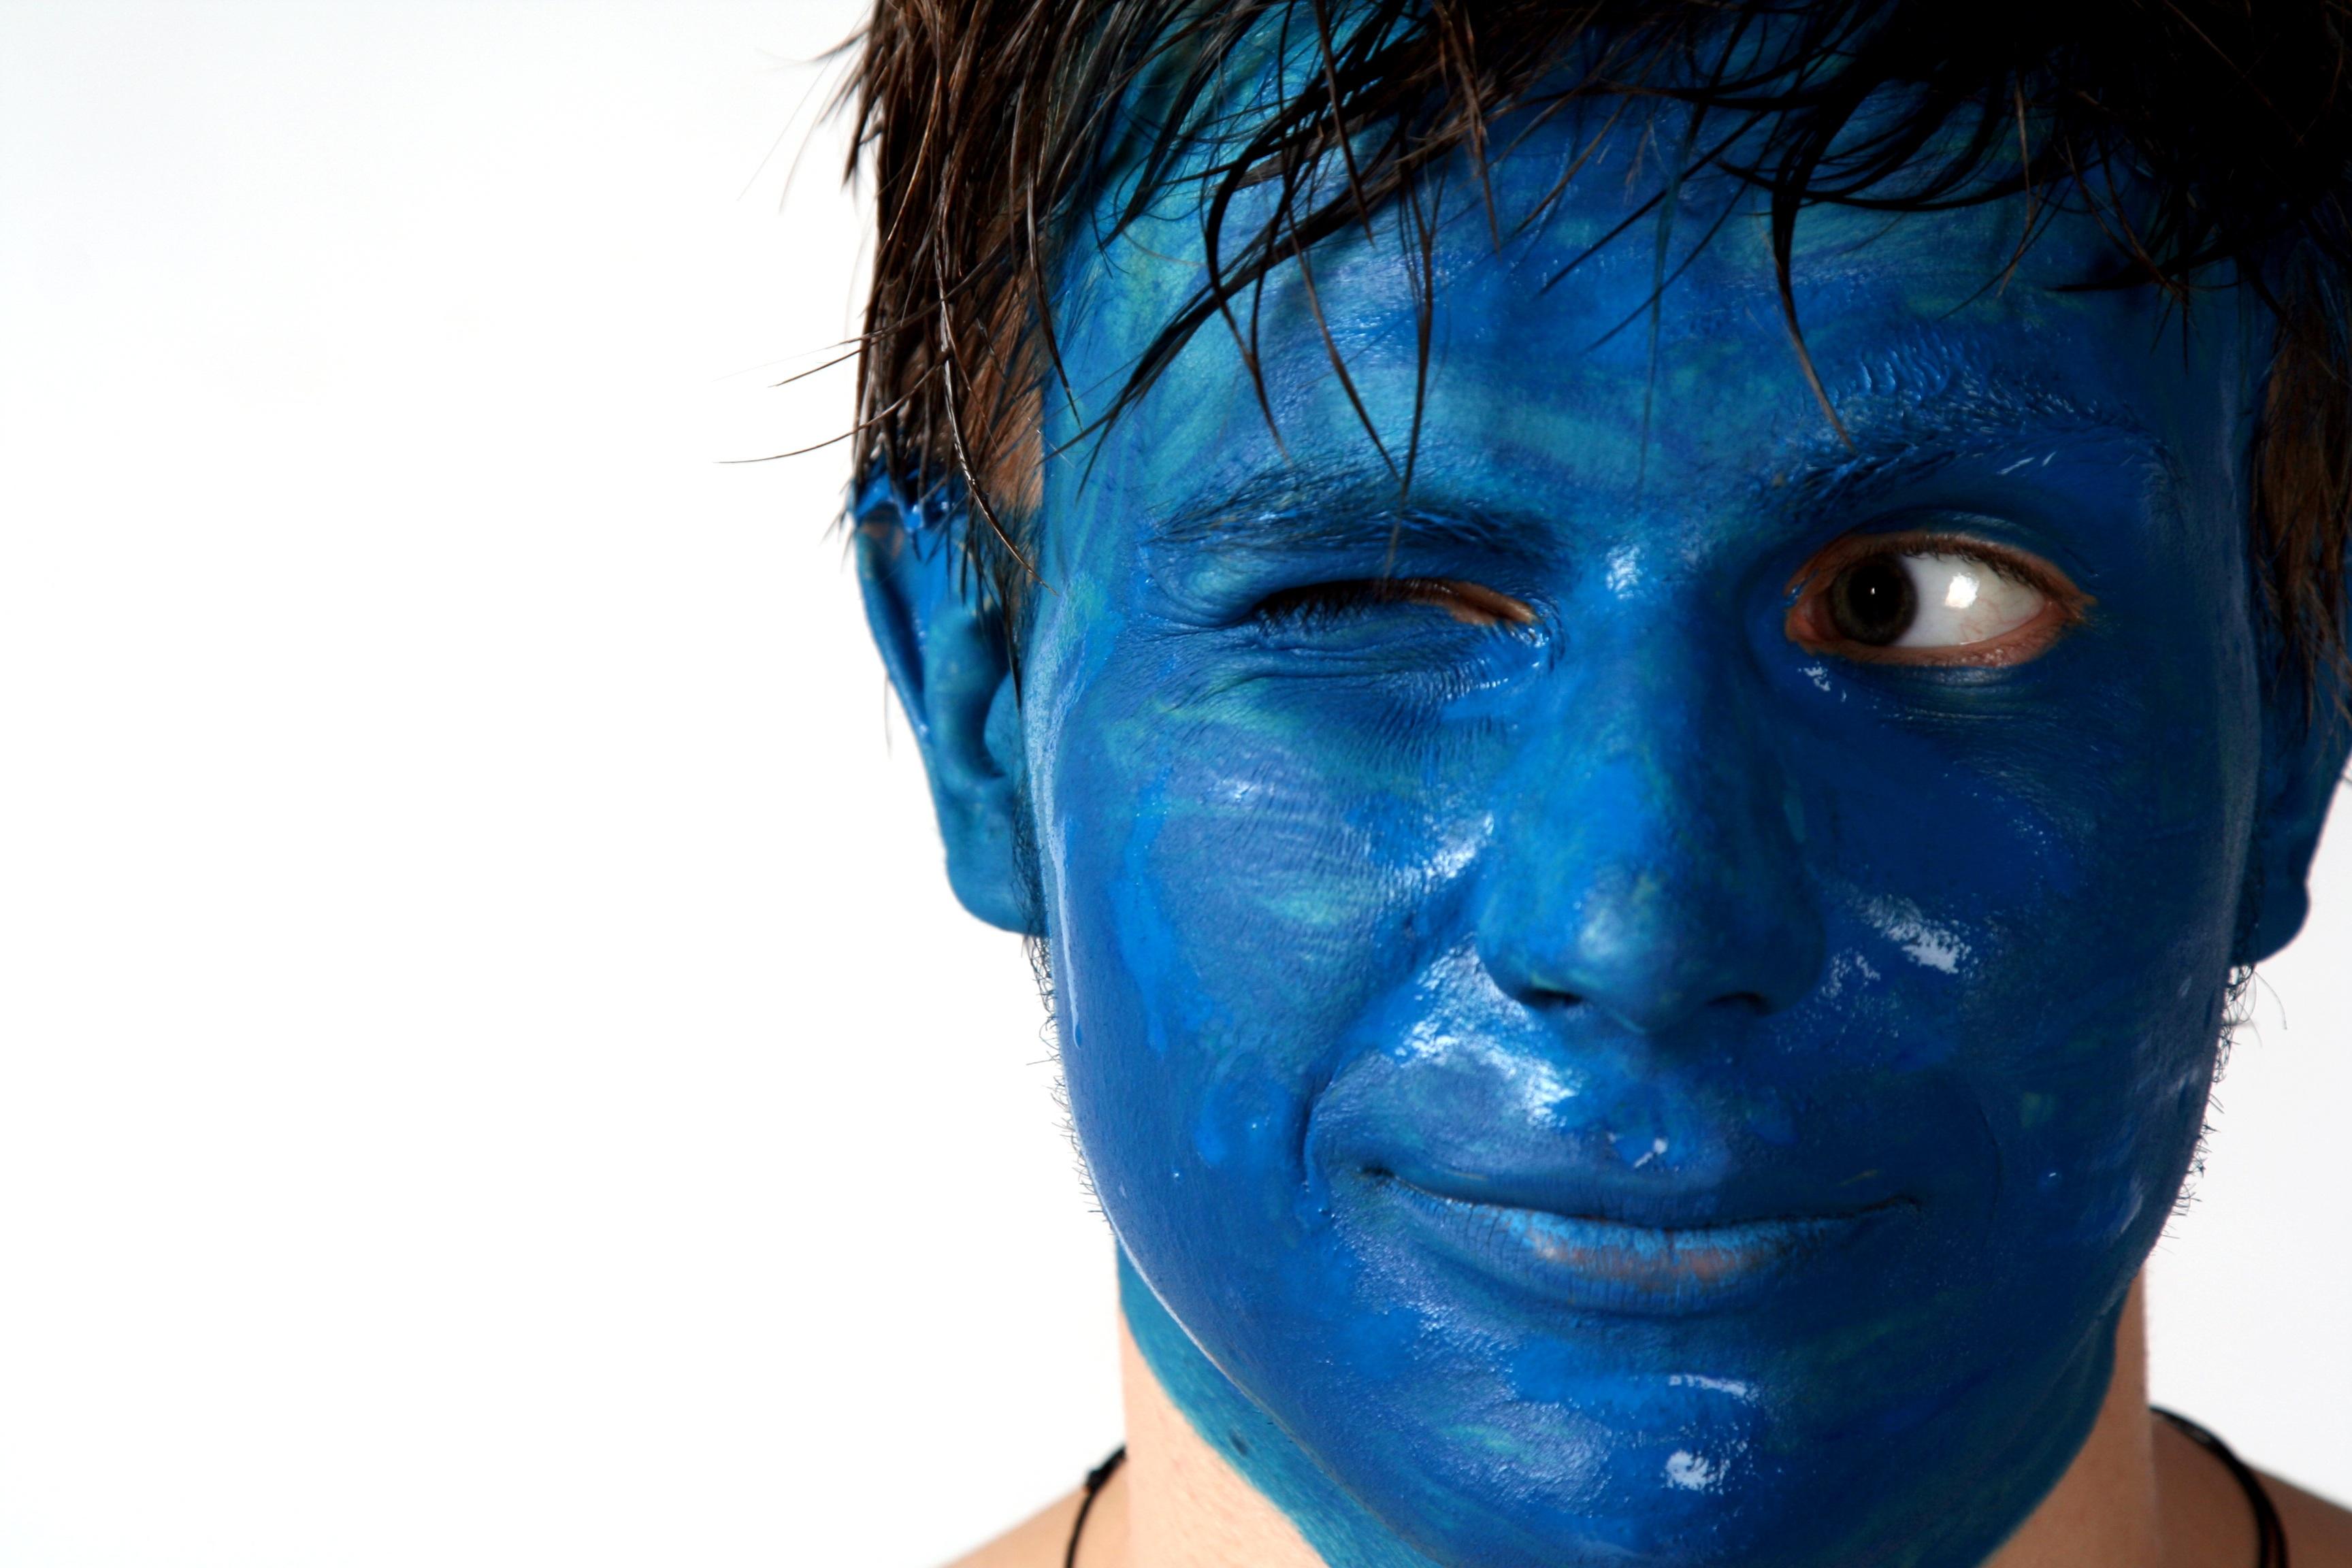 расскажу картинки про голубых людей чемпион мира, вице-чемпион